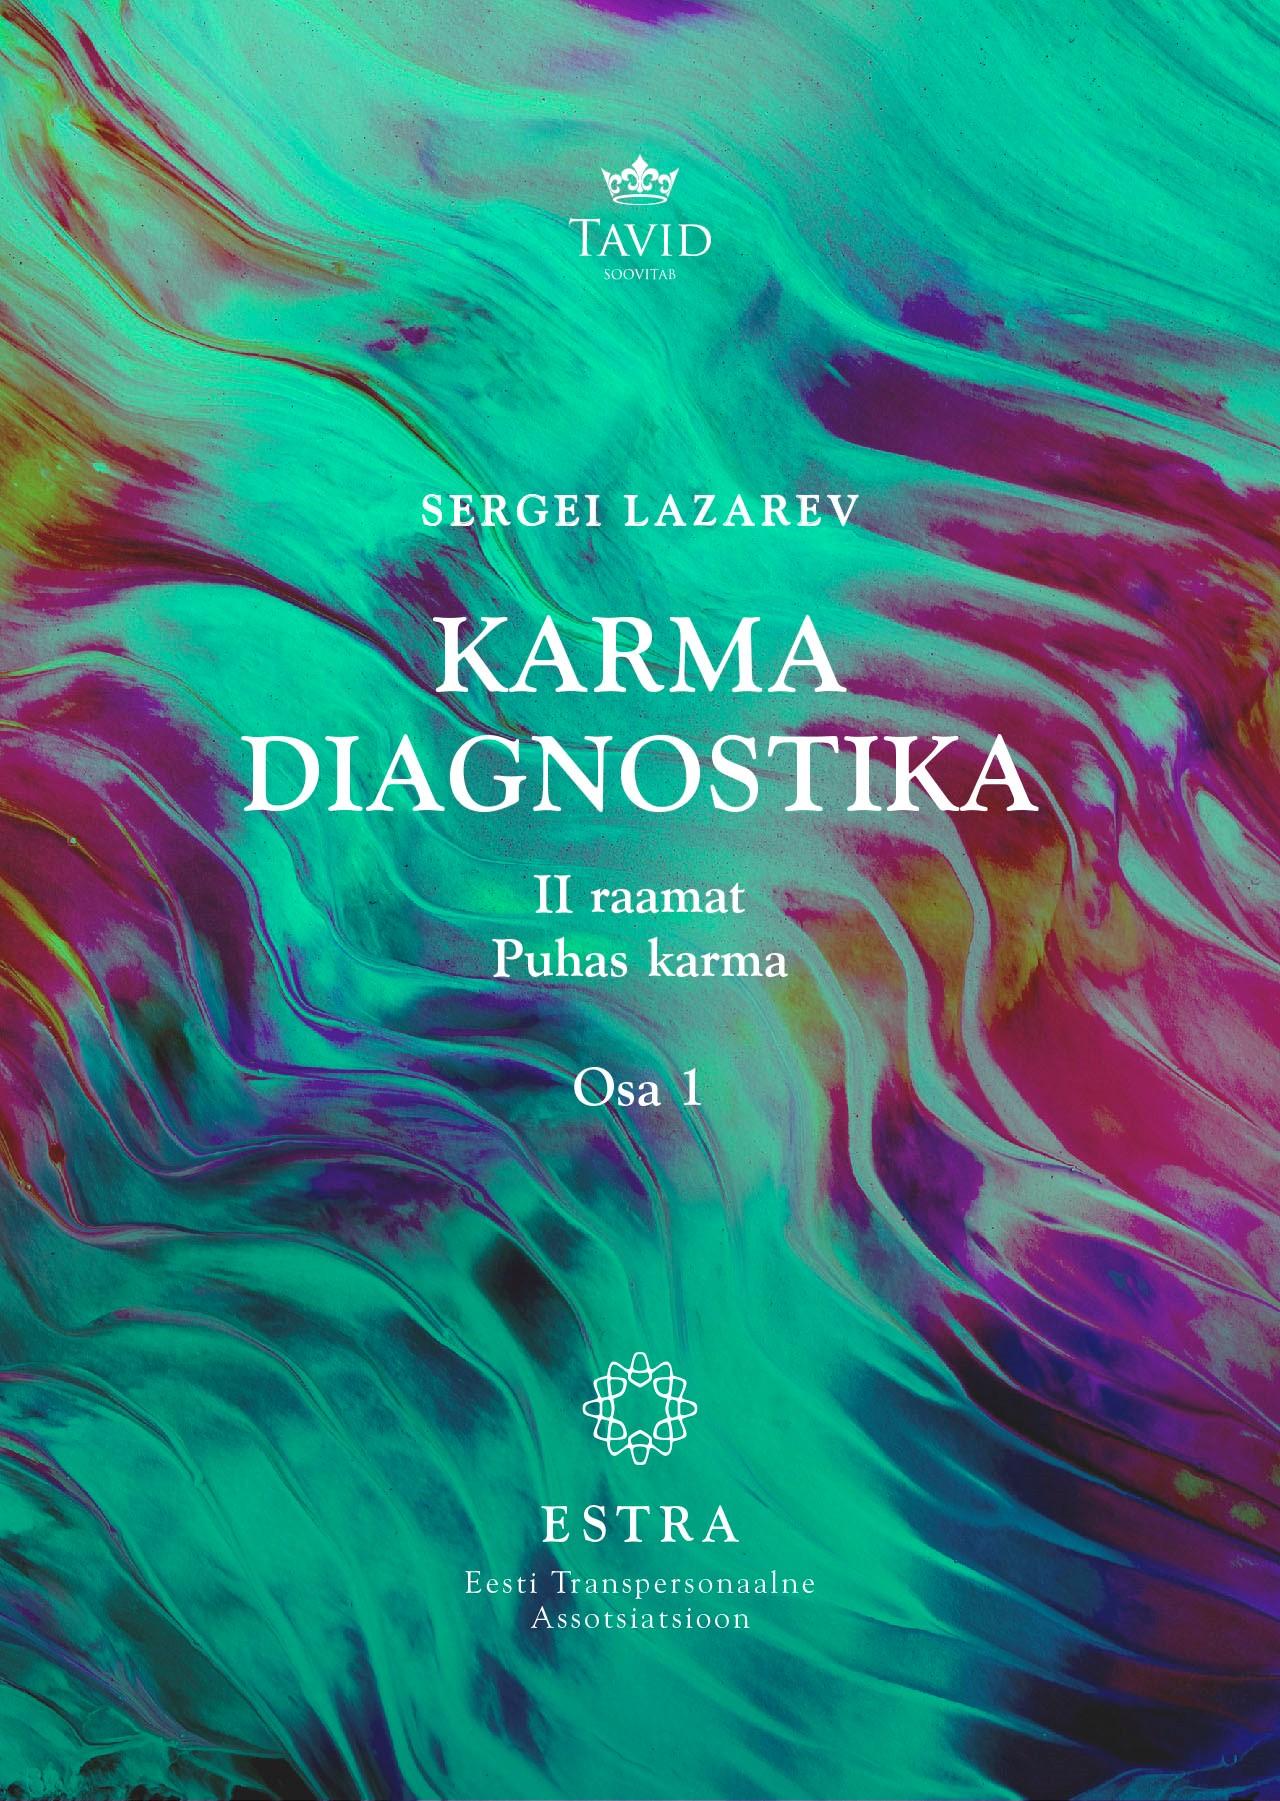 Karma diagnostika ii raamat. puhas karma 1 osa